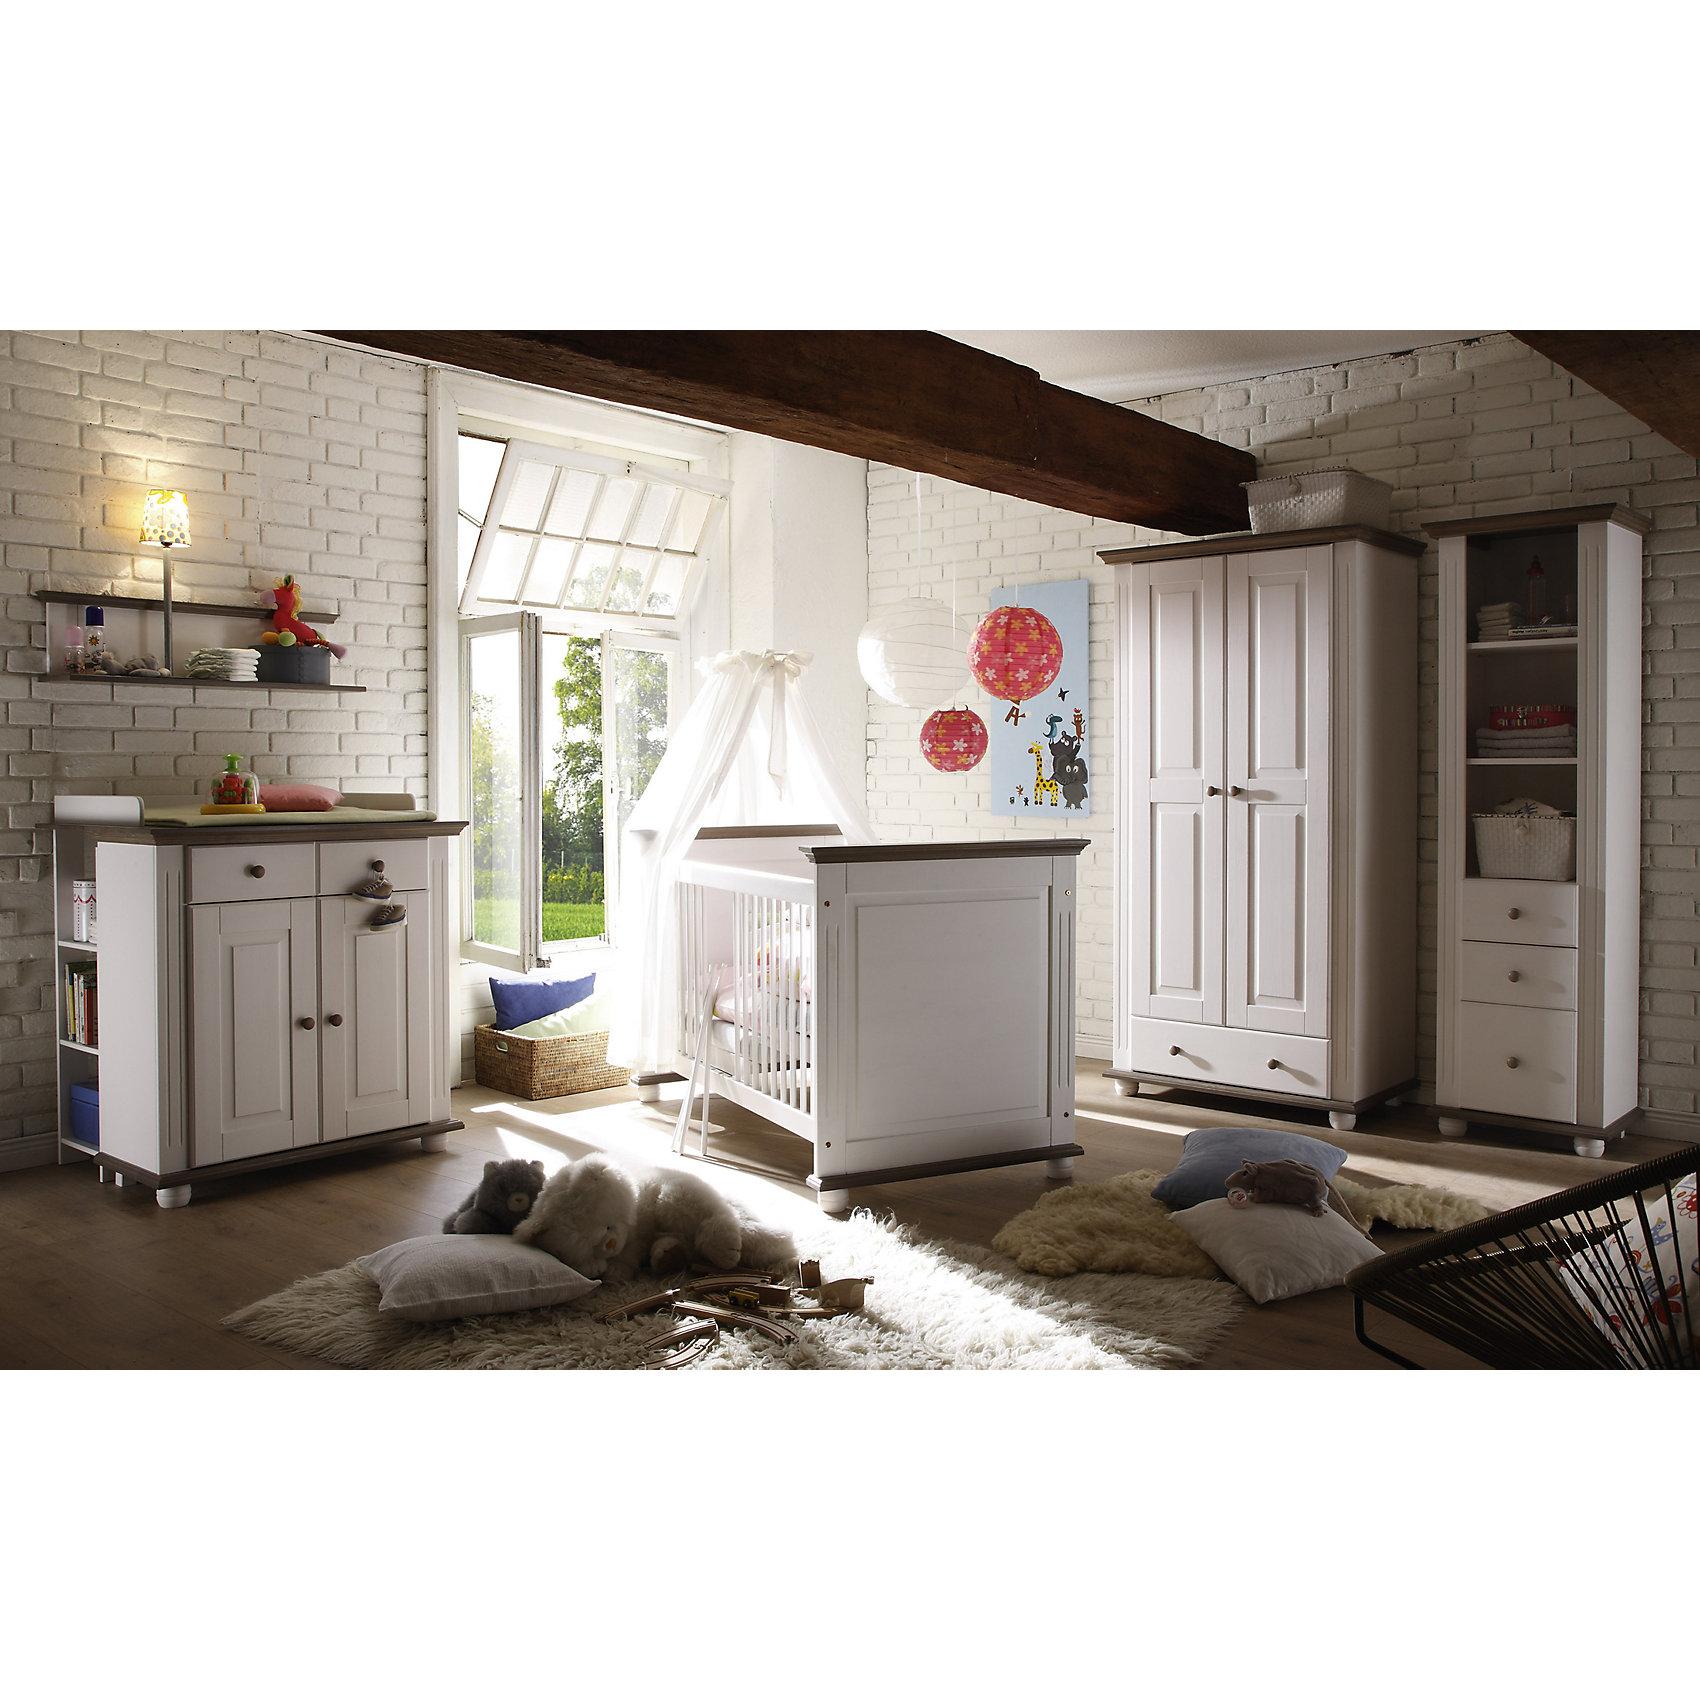 Sonstige null babyzimmer laura i 5 tlg kleiderschrank 2 trg kinderbett wickelkommode - Kinderbett landhausstil ...